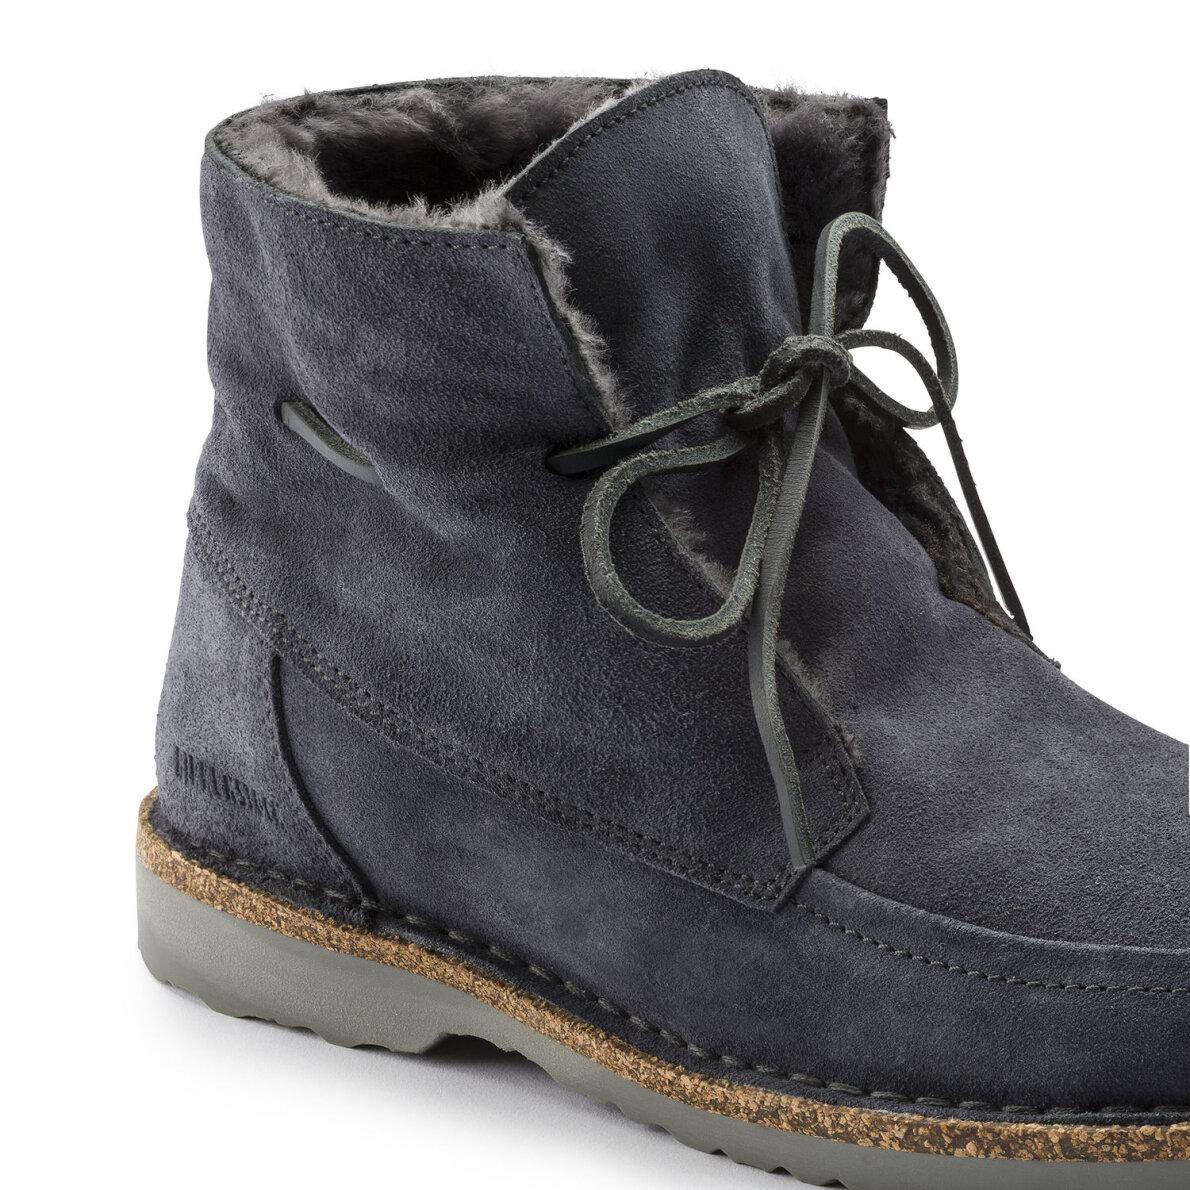 f631660287a ... Birkenstock - Birkenstock Bakki Grå dame støvle med for ...